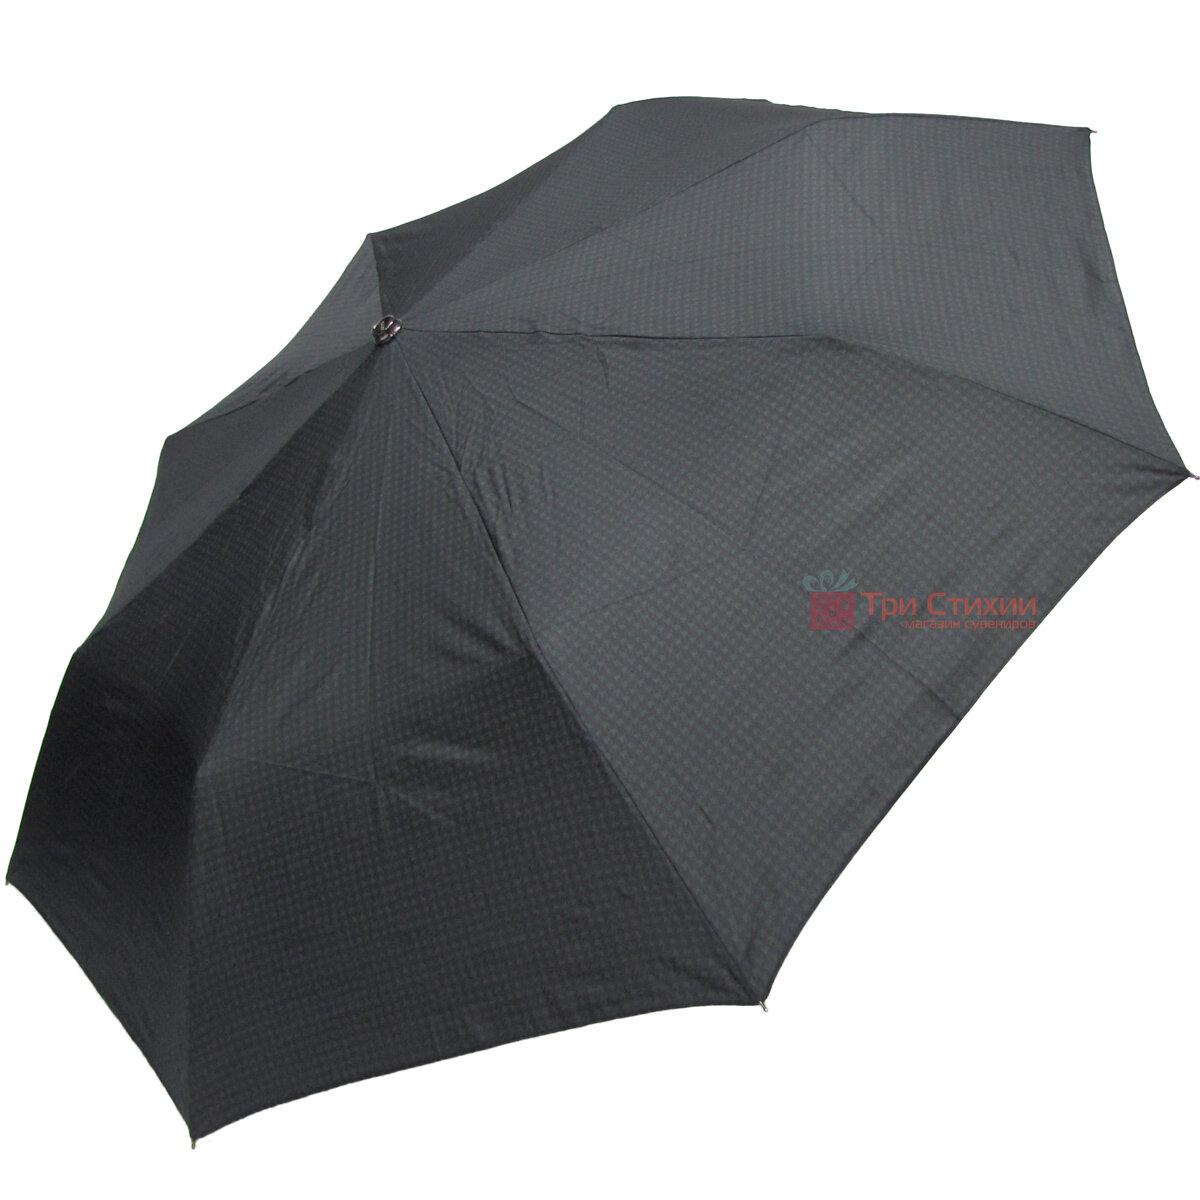 Зонт складной Doppler 74667G-5 полный автомат Лапки, фото 2